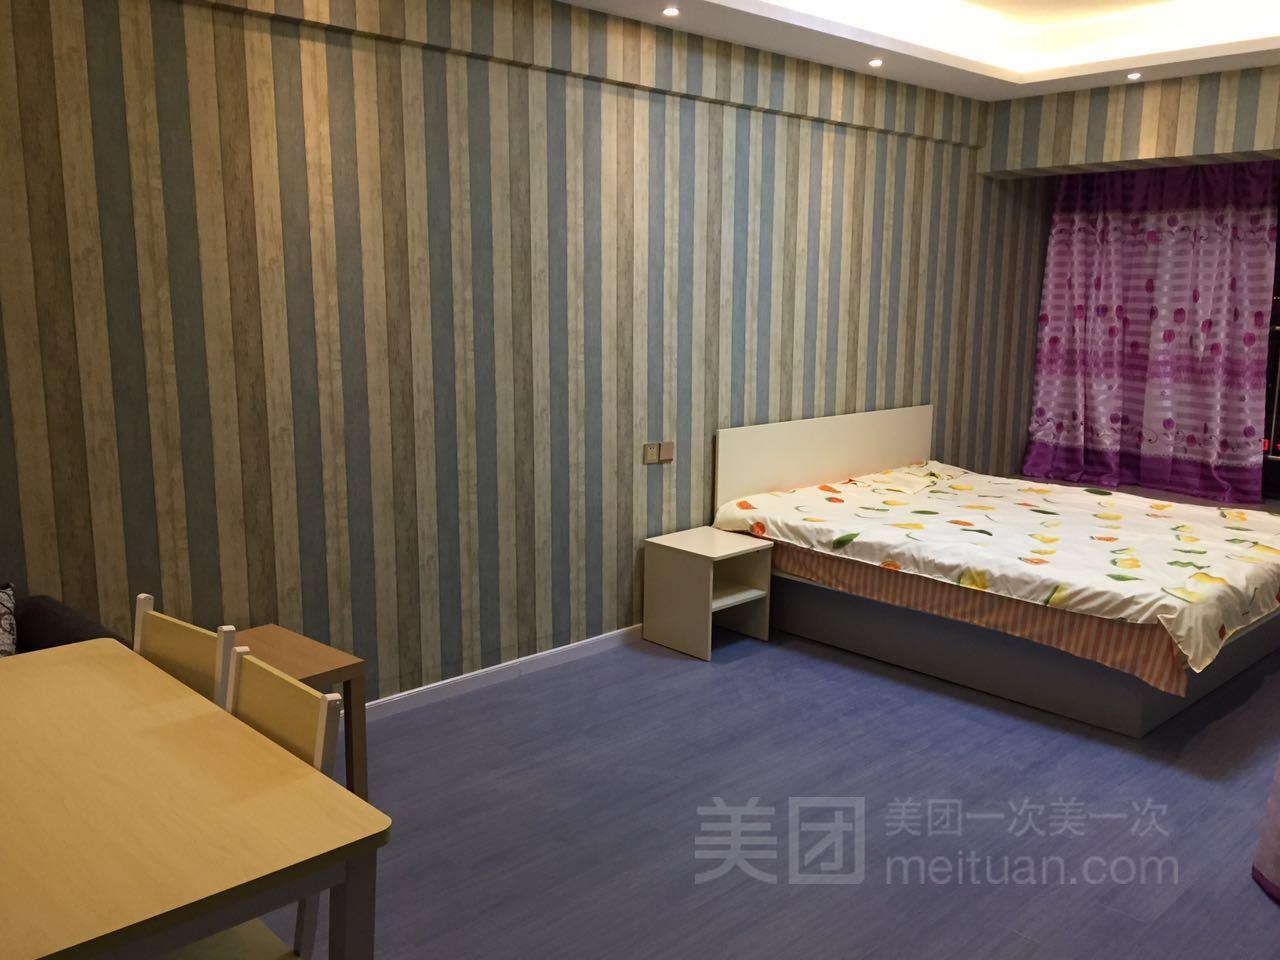 上海灵感酒店式公寓预订/团购